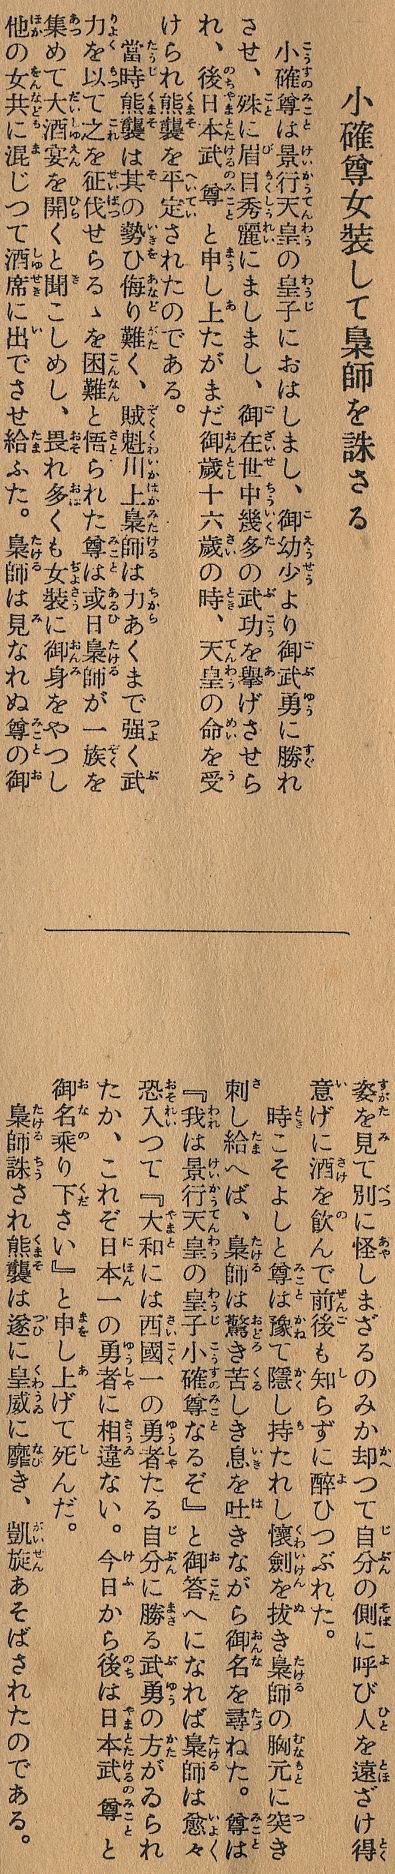 03_kosunomikoto_kumasowochusu_ex.jpg